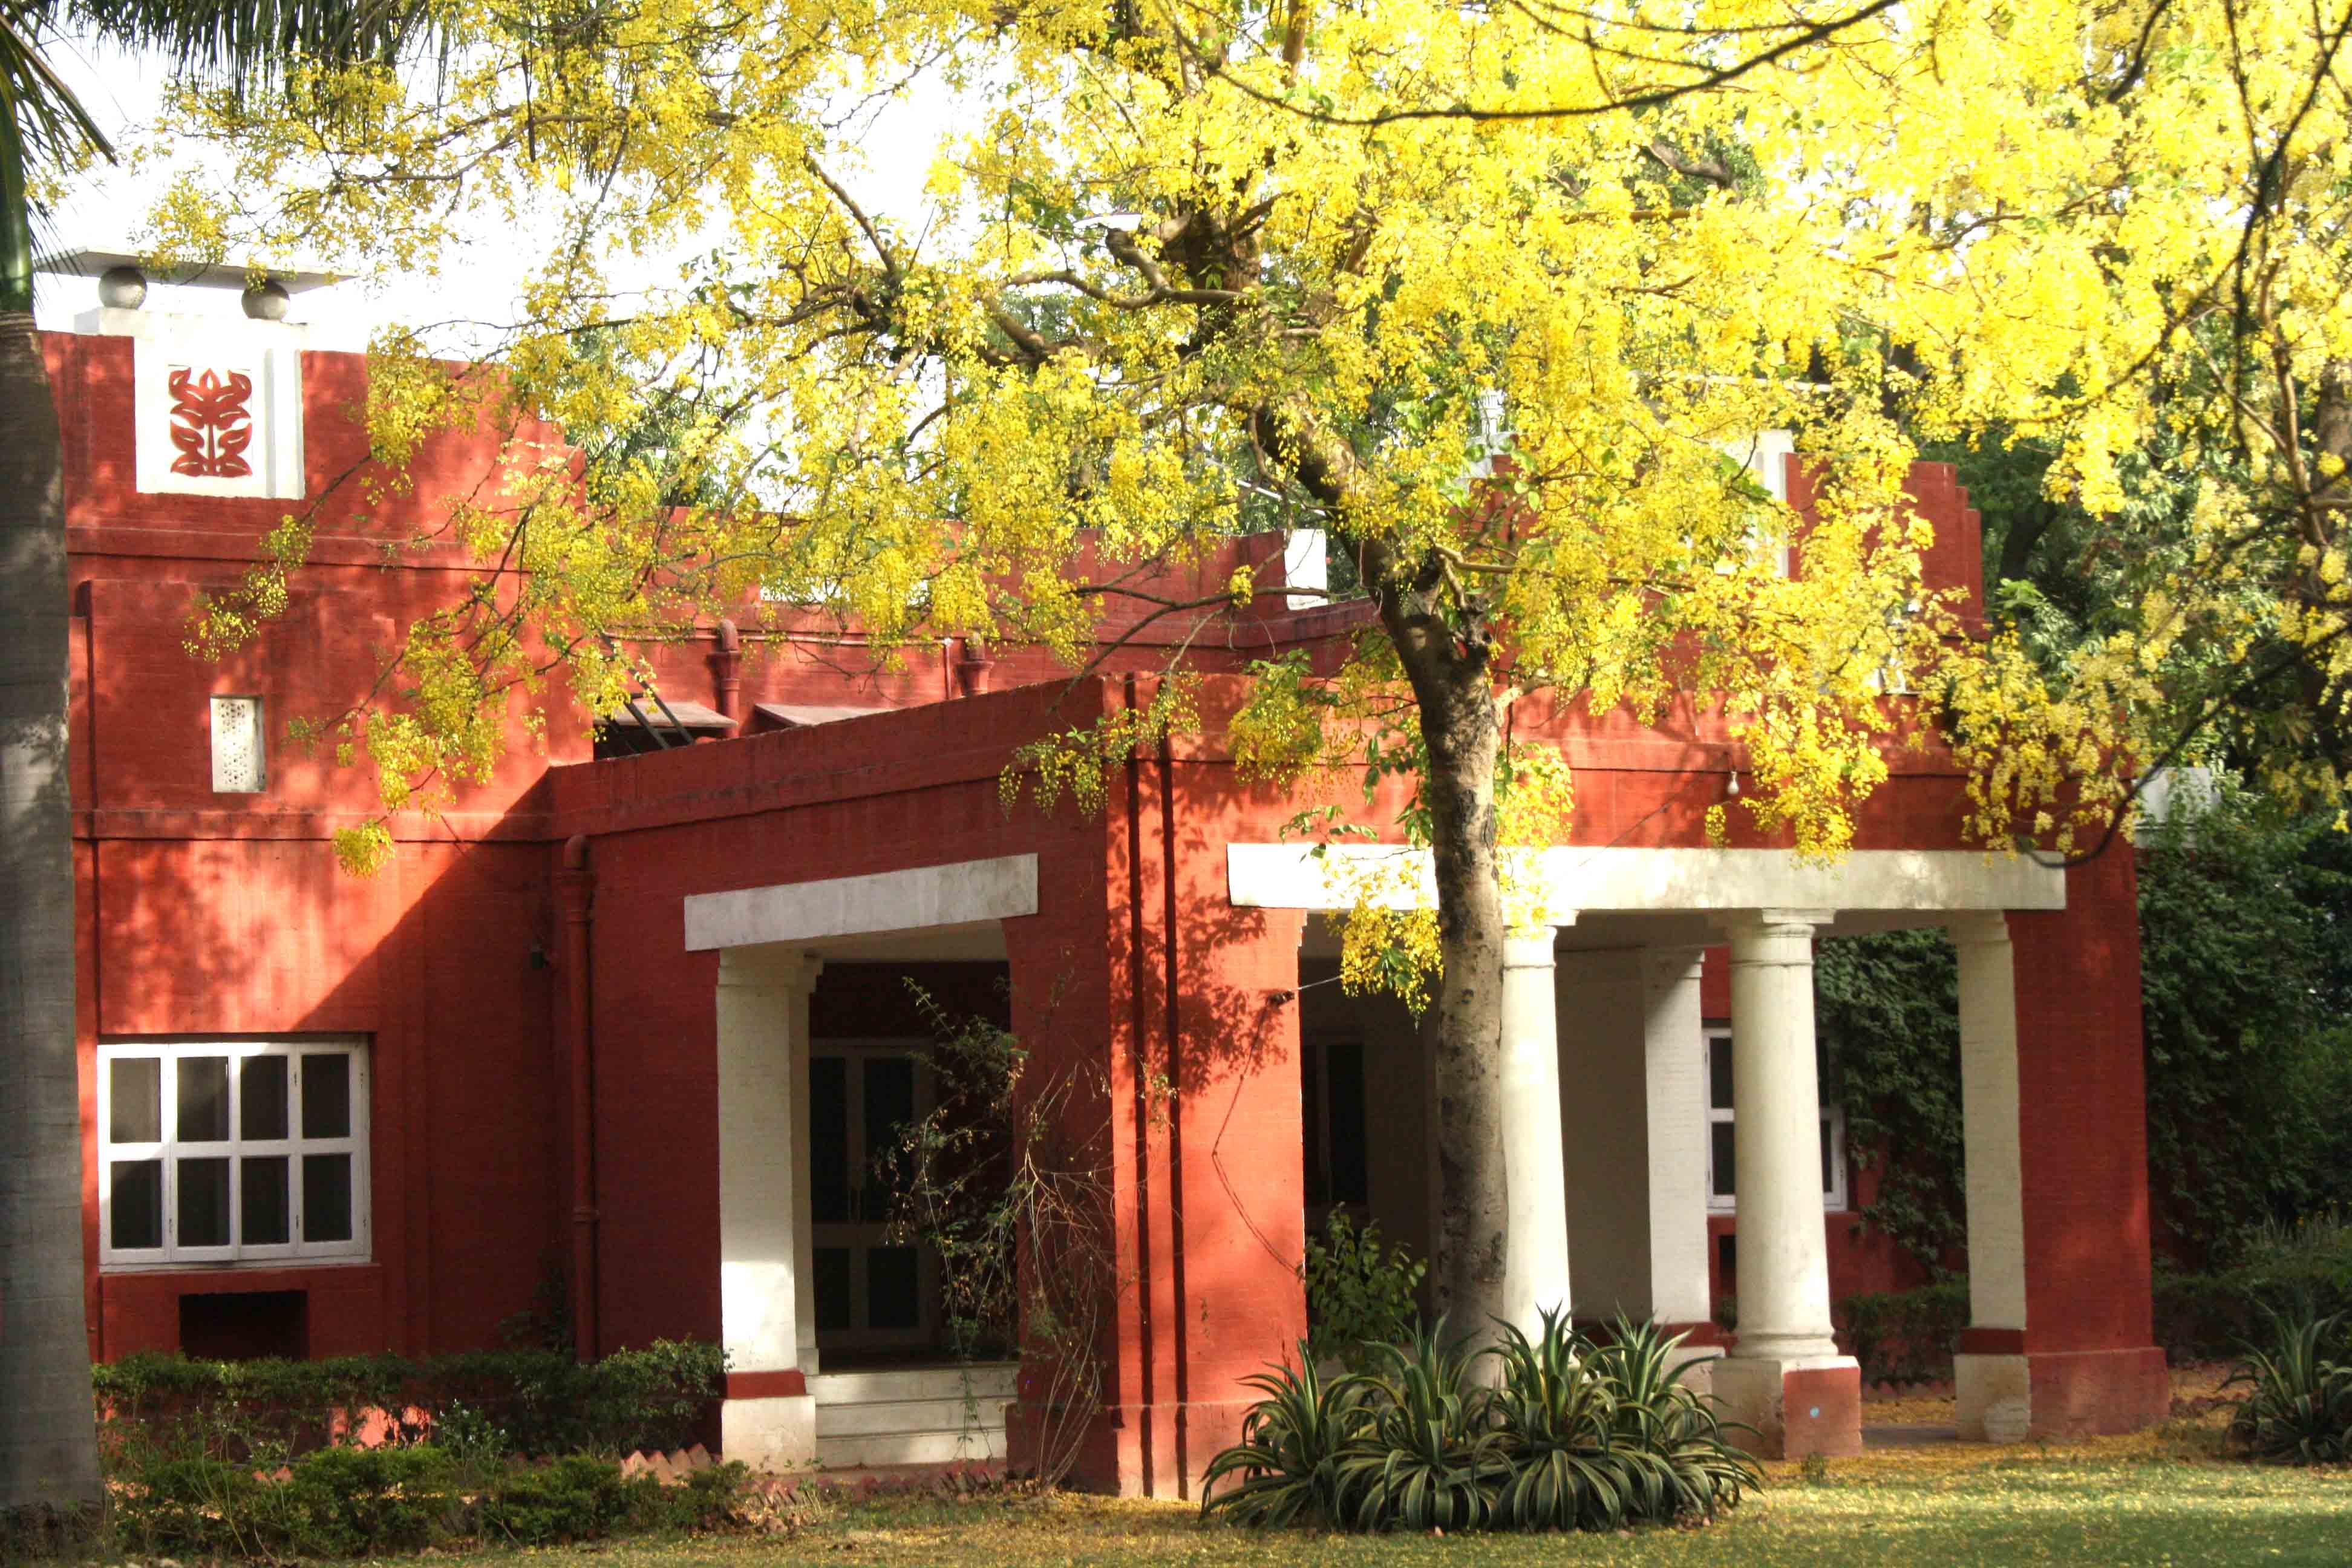 City Season – The Yellow Amaltas, Prithviraj Marg